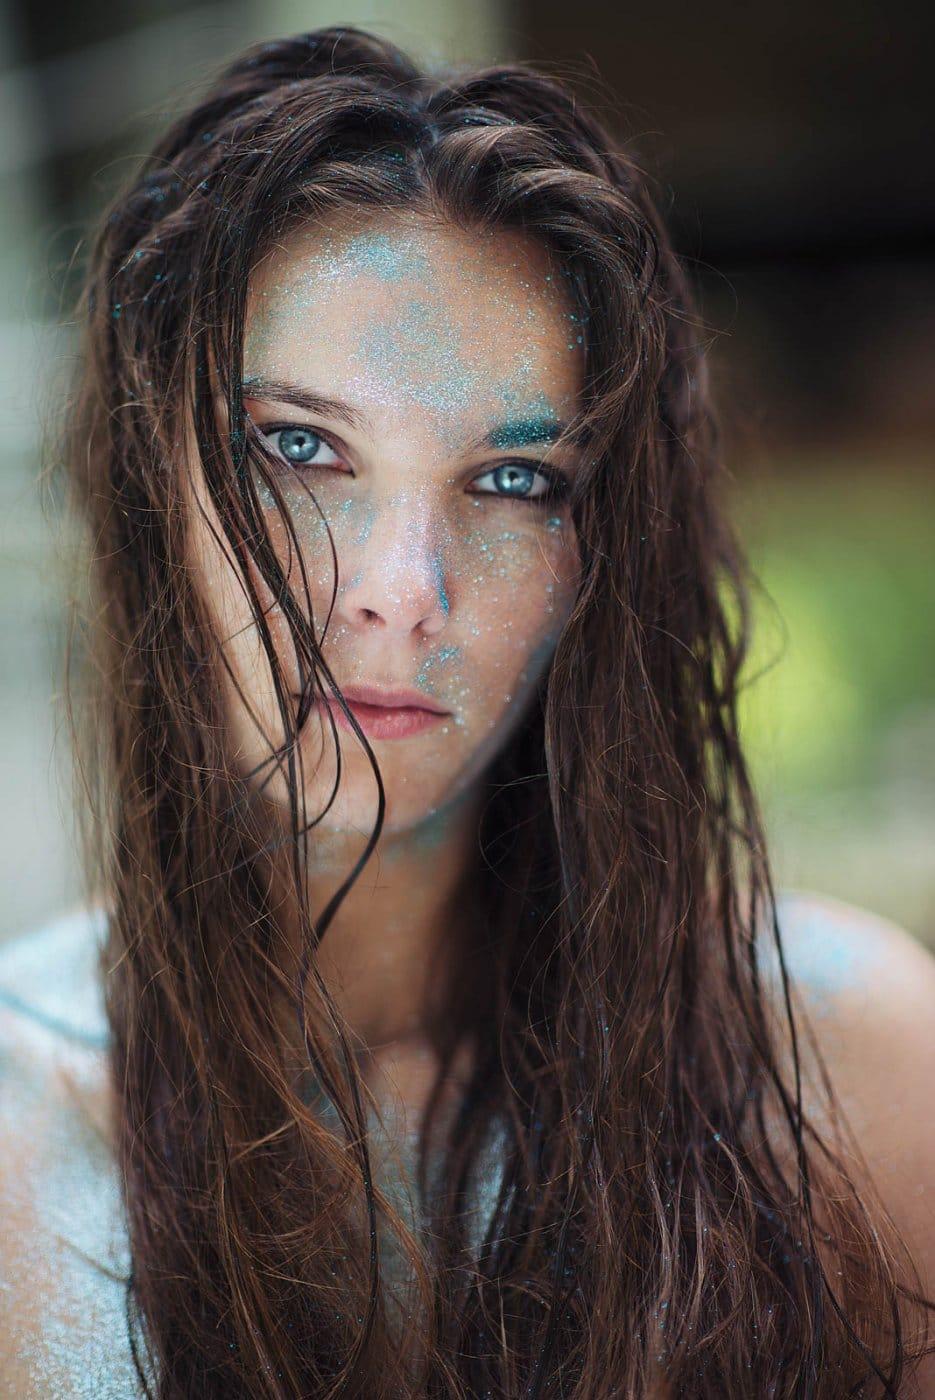 Portrait Photography By Anastasia Vervueren Blue Glitter